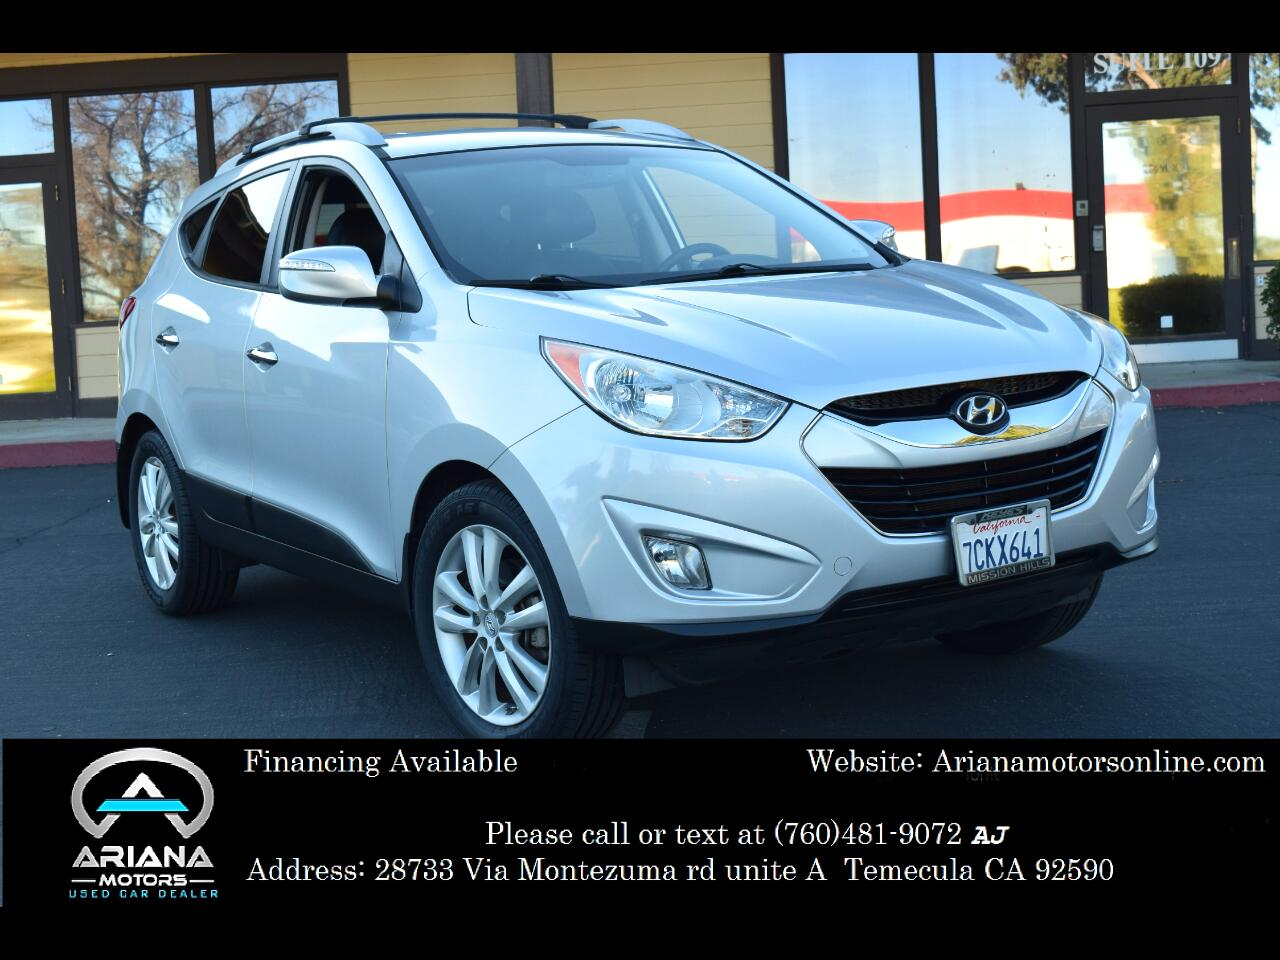 2013 Hyundai Tucson Limited 2WD